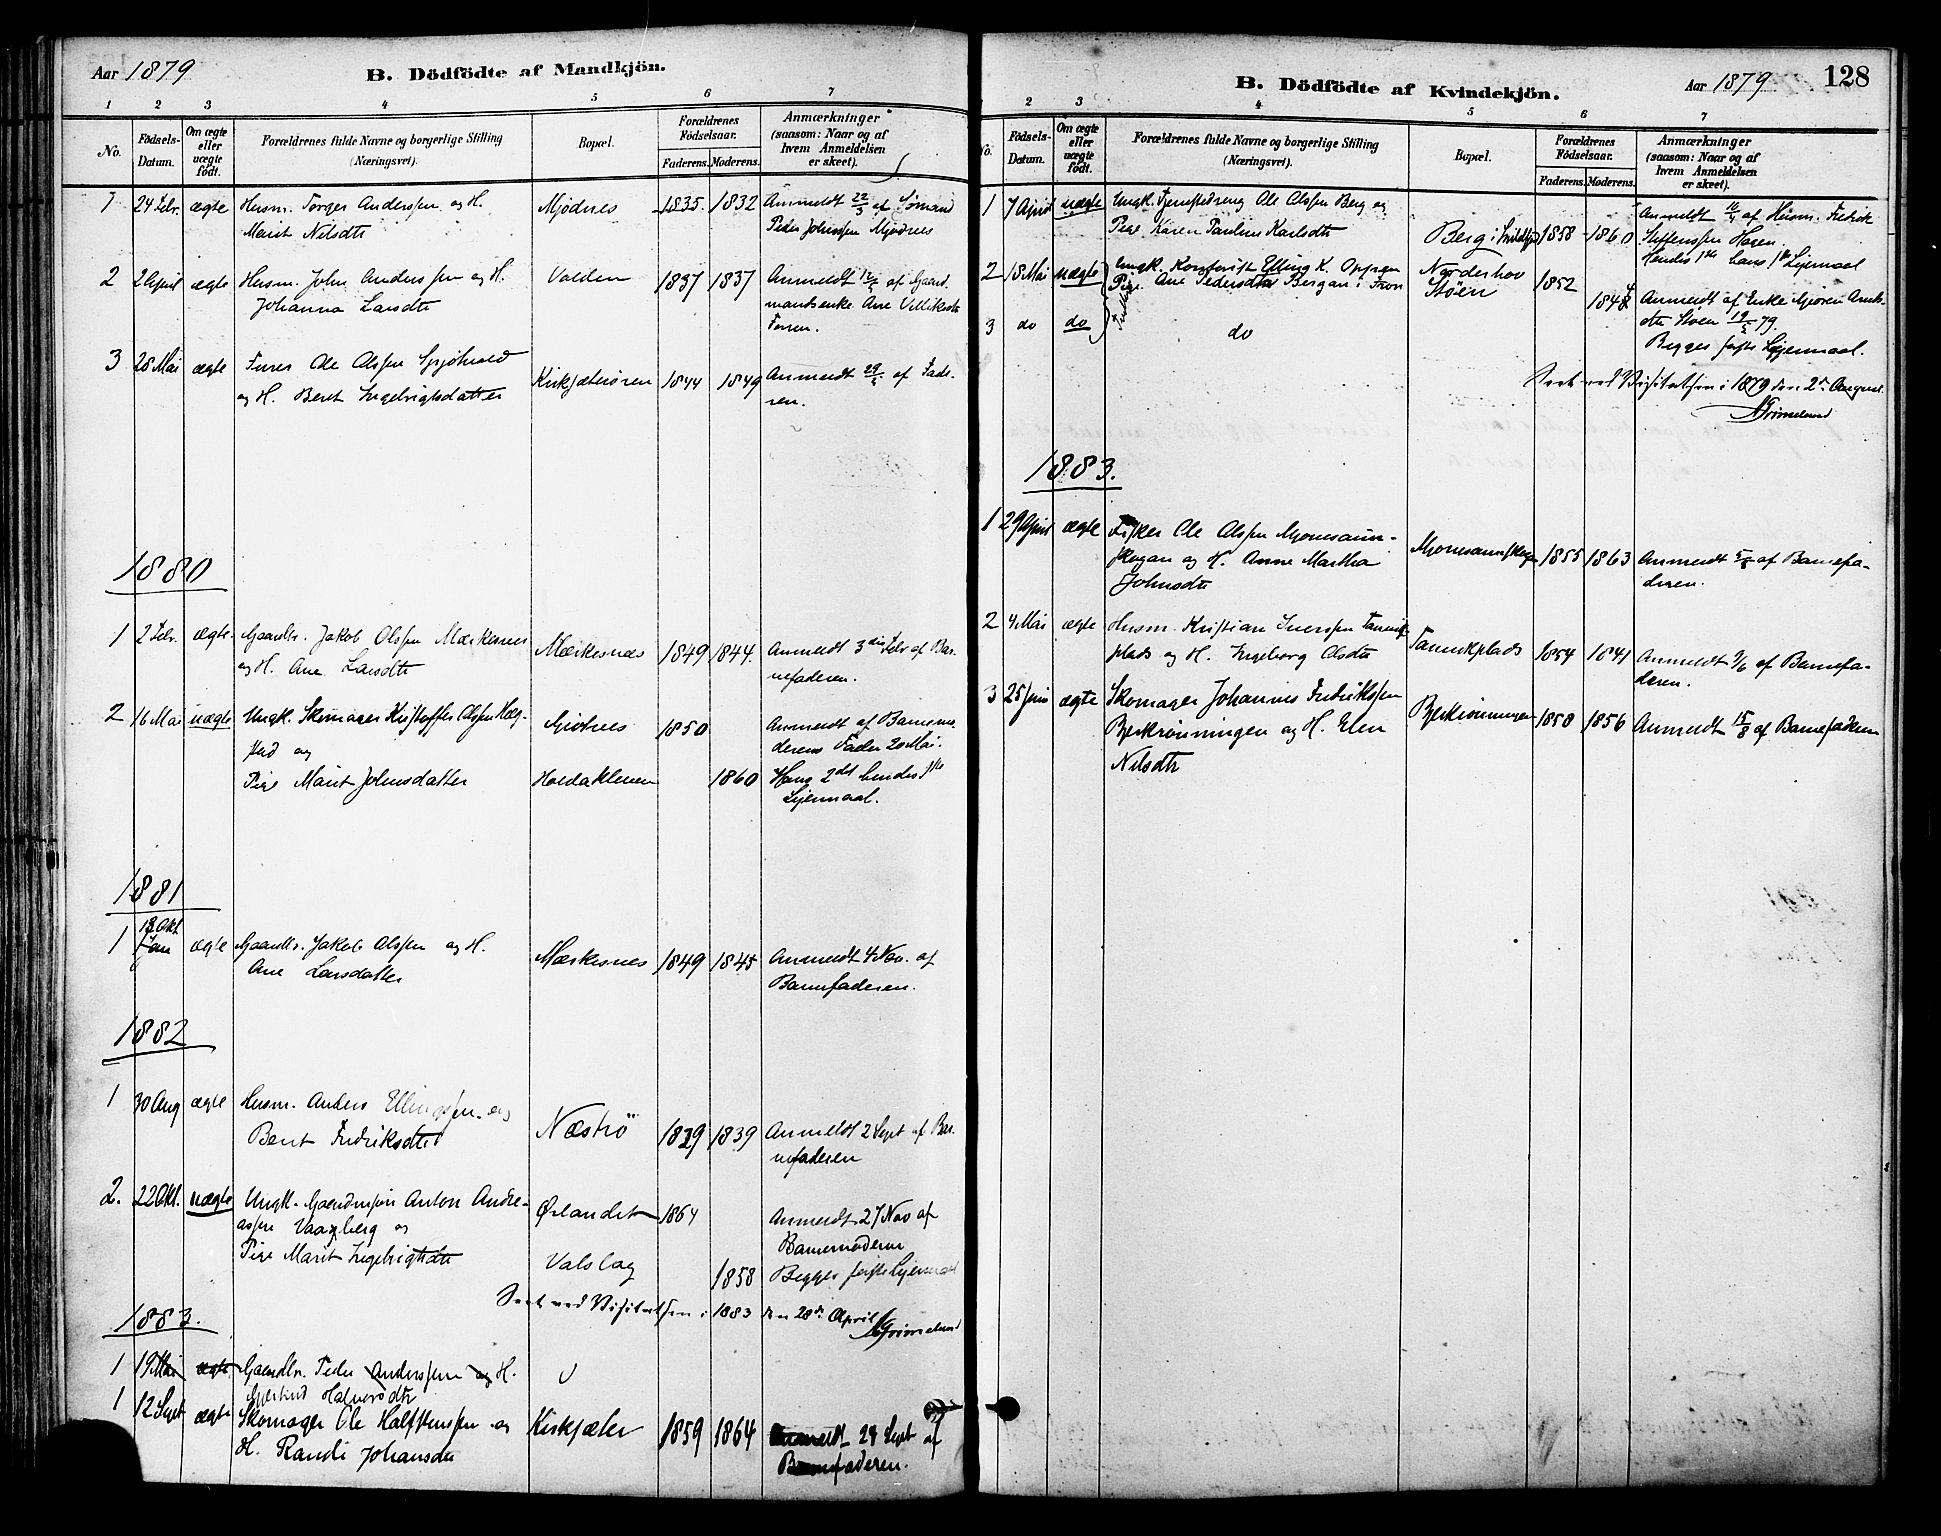 SAT, Ministerialprotokoller, klokkerbøker og fødselsregistre - Sør-Trøndelag, 630/L0496: Ministerialbok nr. 630A09, 1879-1895, s. 128